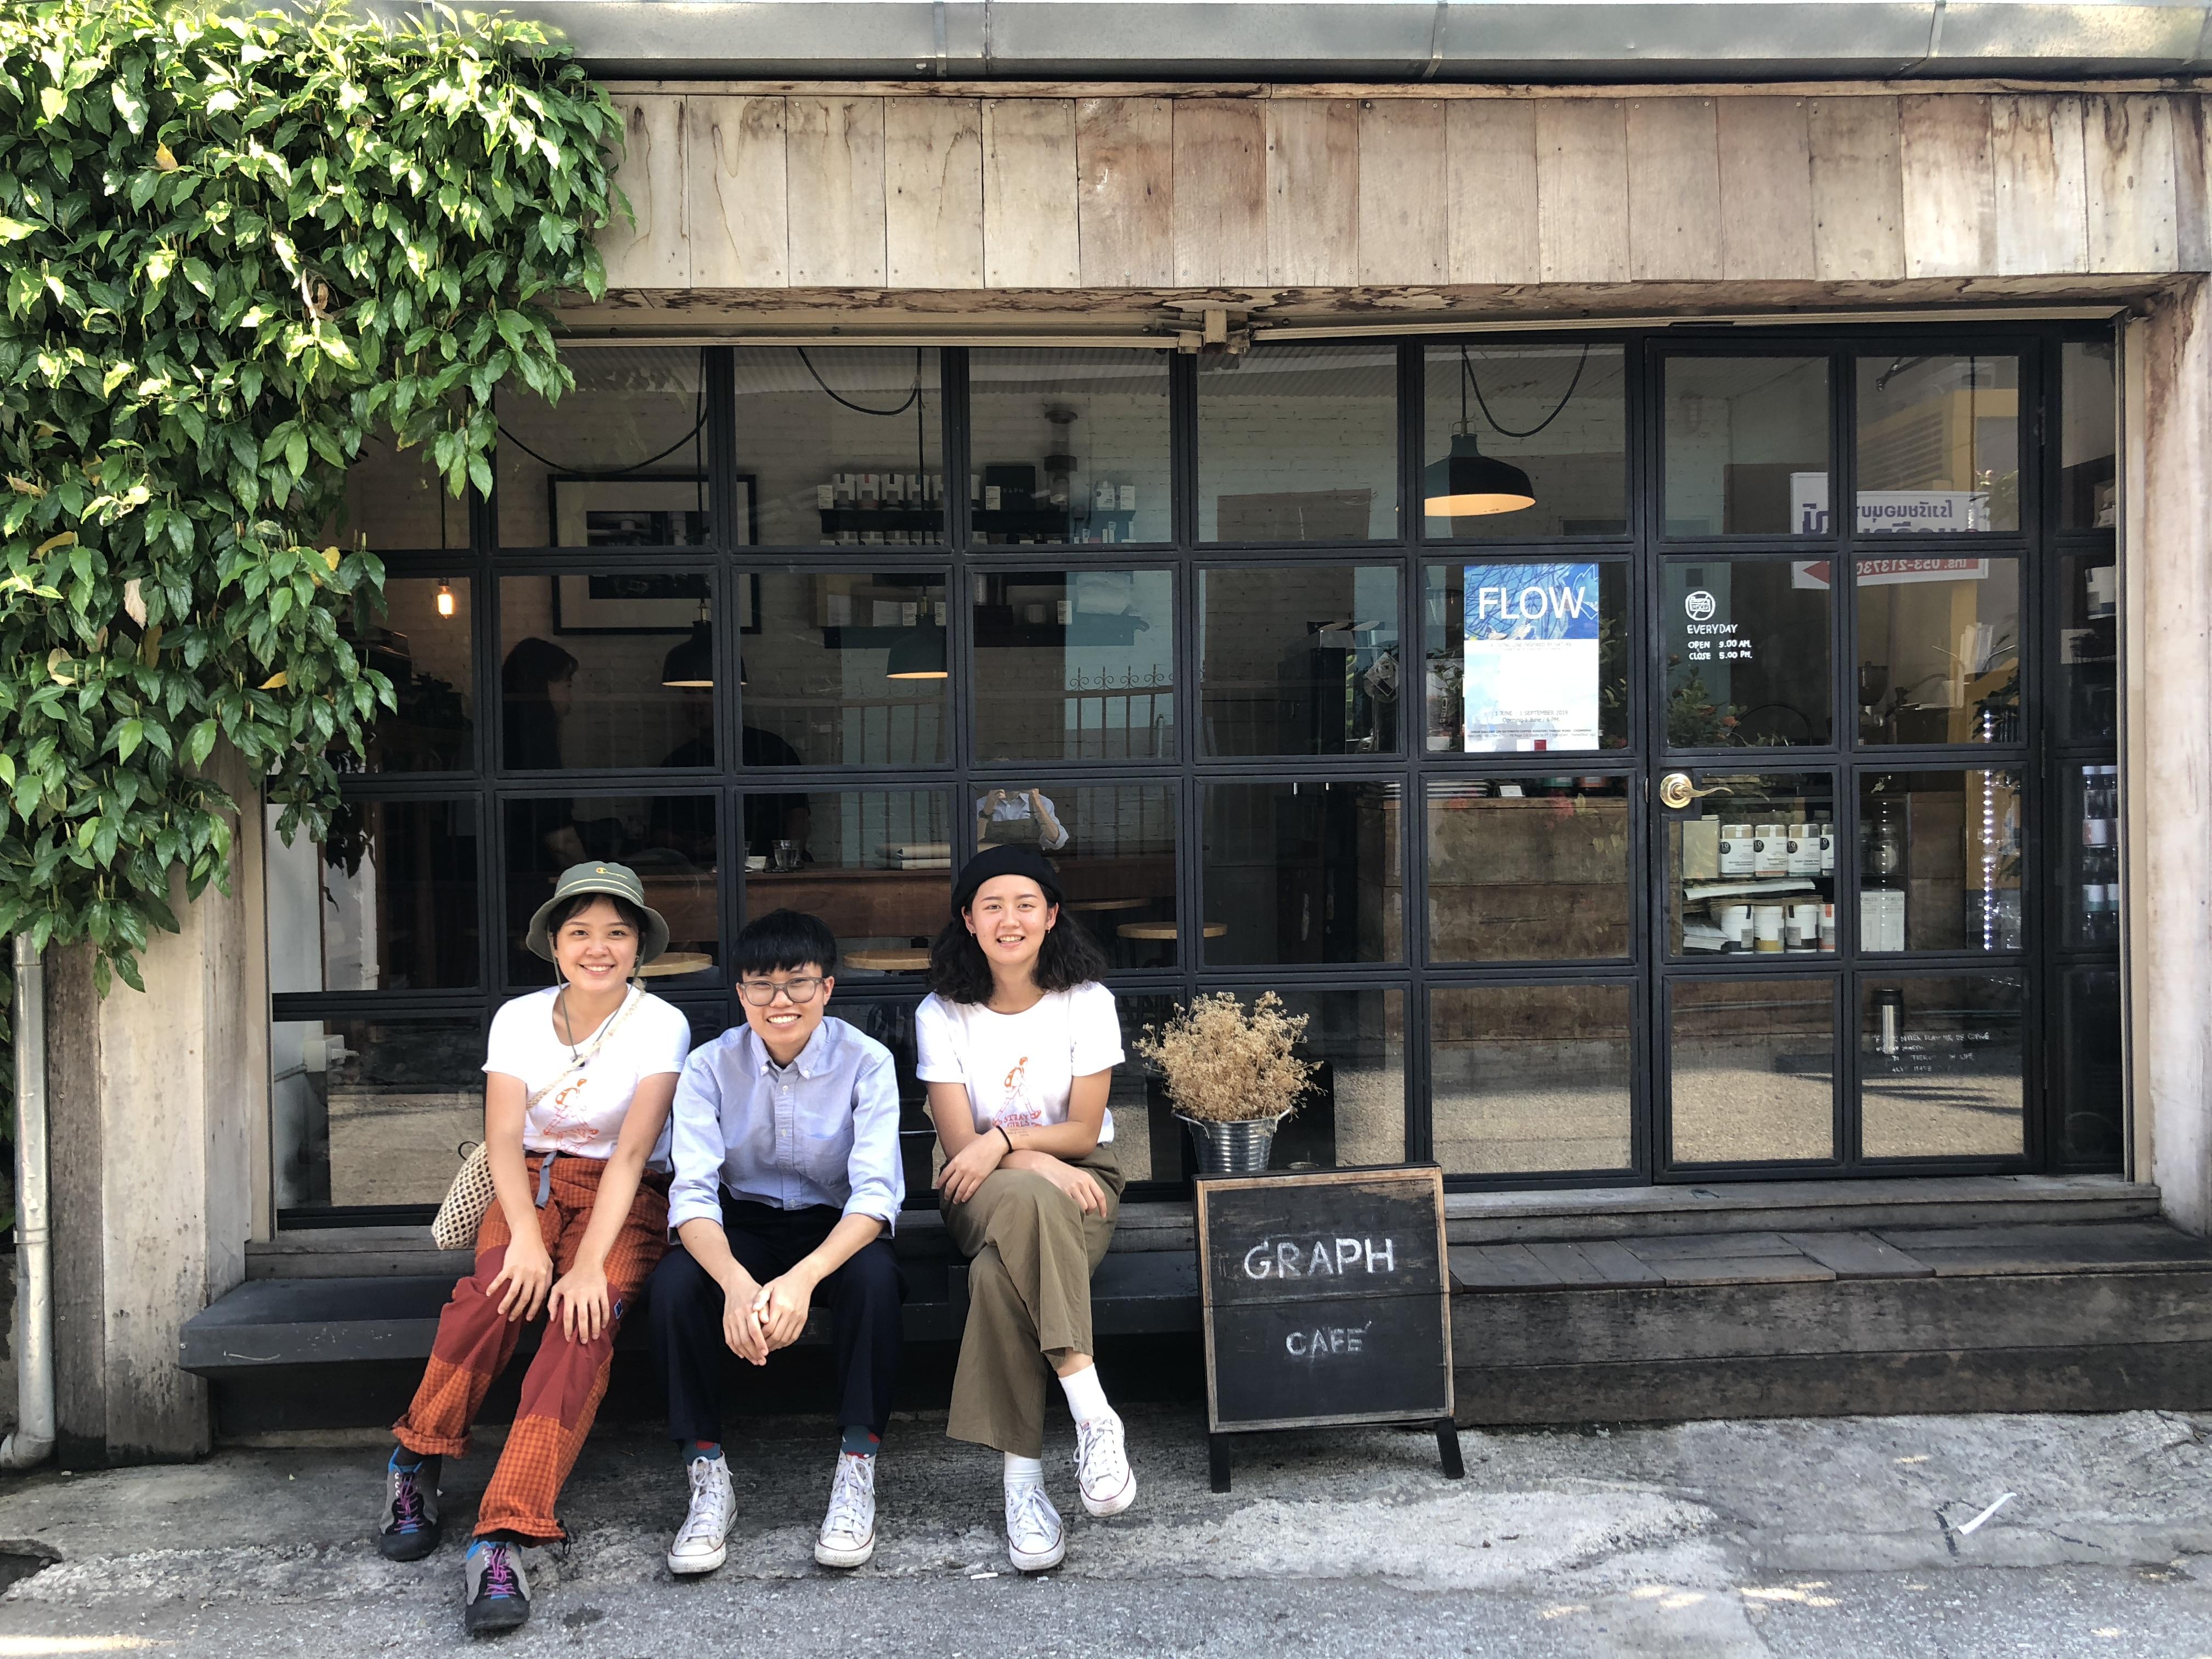 圖一:曾律綺(右一)希望能夠透過國際體驗學習計畫,用藝術展現他國女性特色。圖片提供/曾律綺